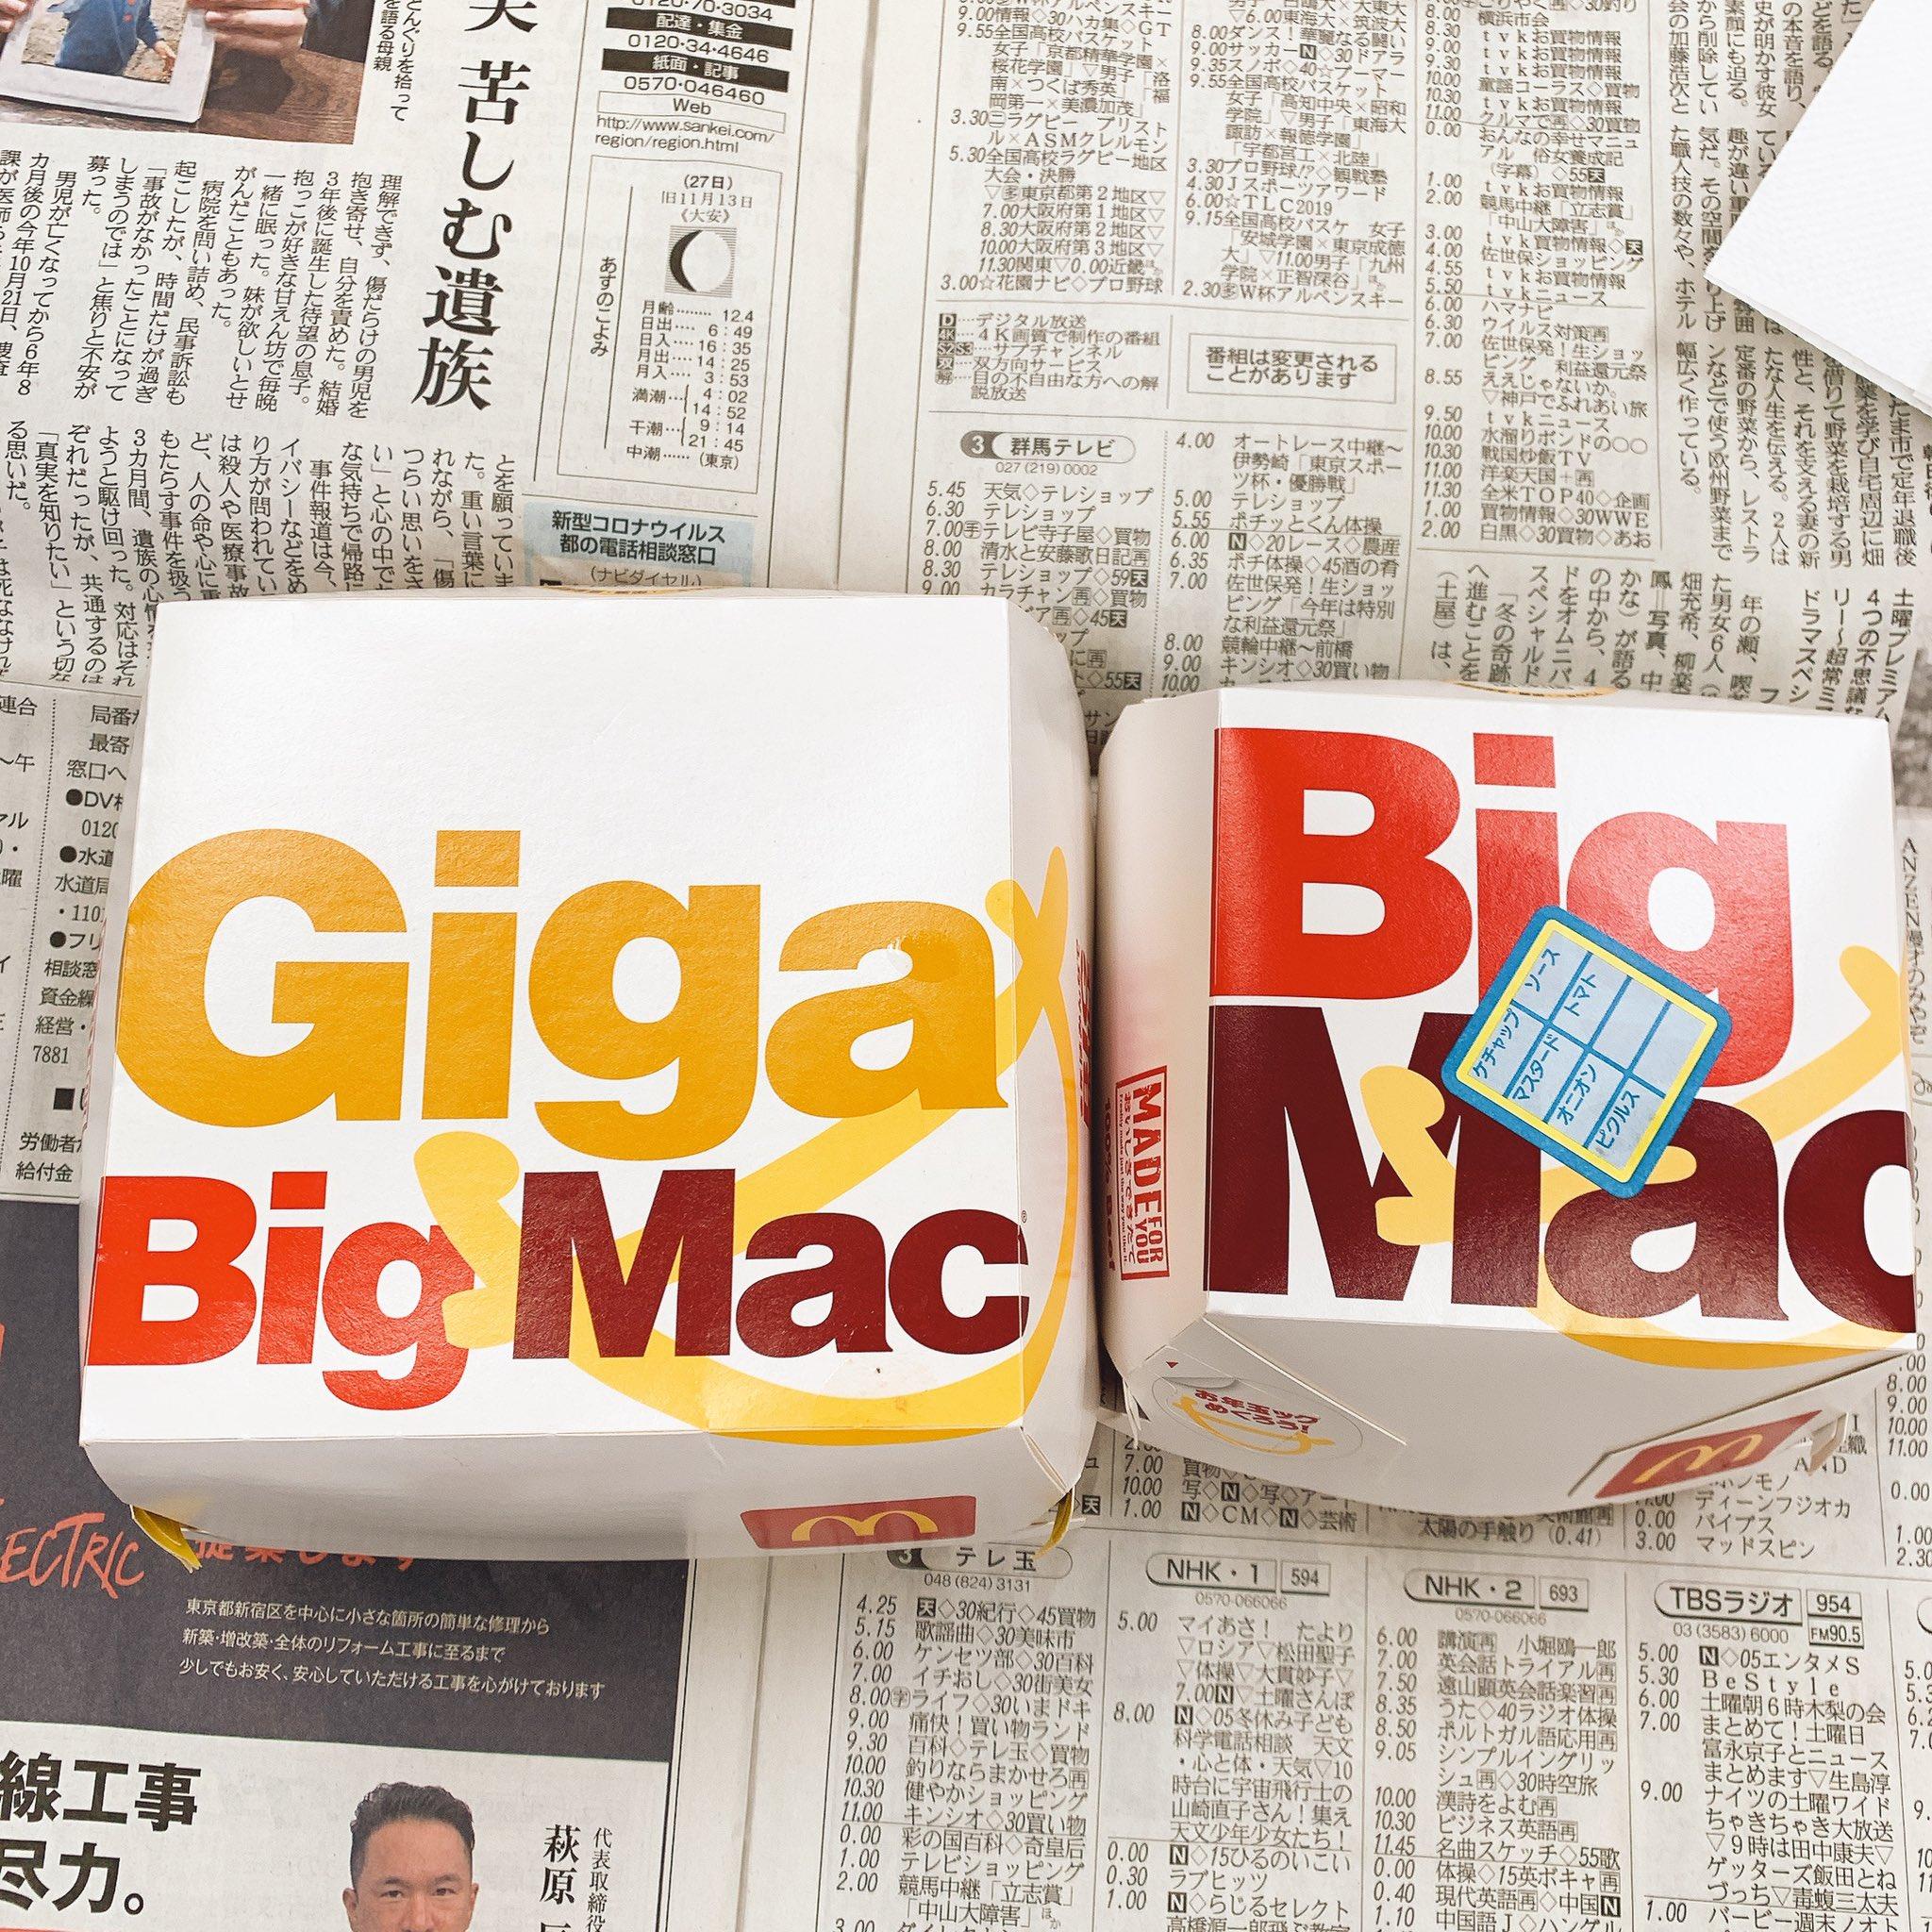 【謎】ビッグマックが箱に入ってる理由